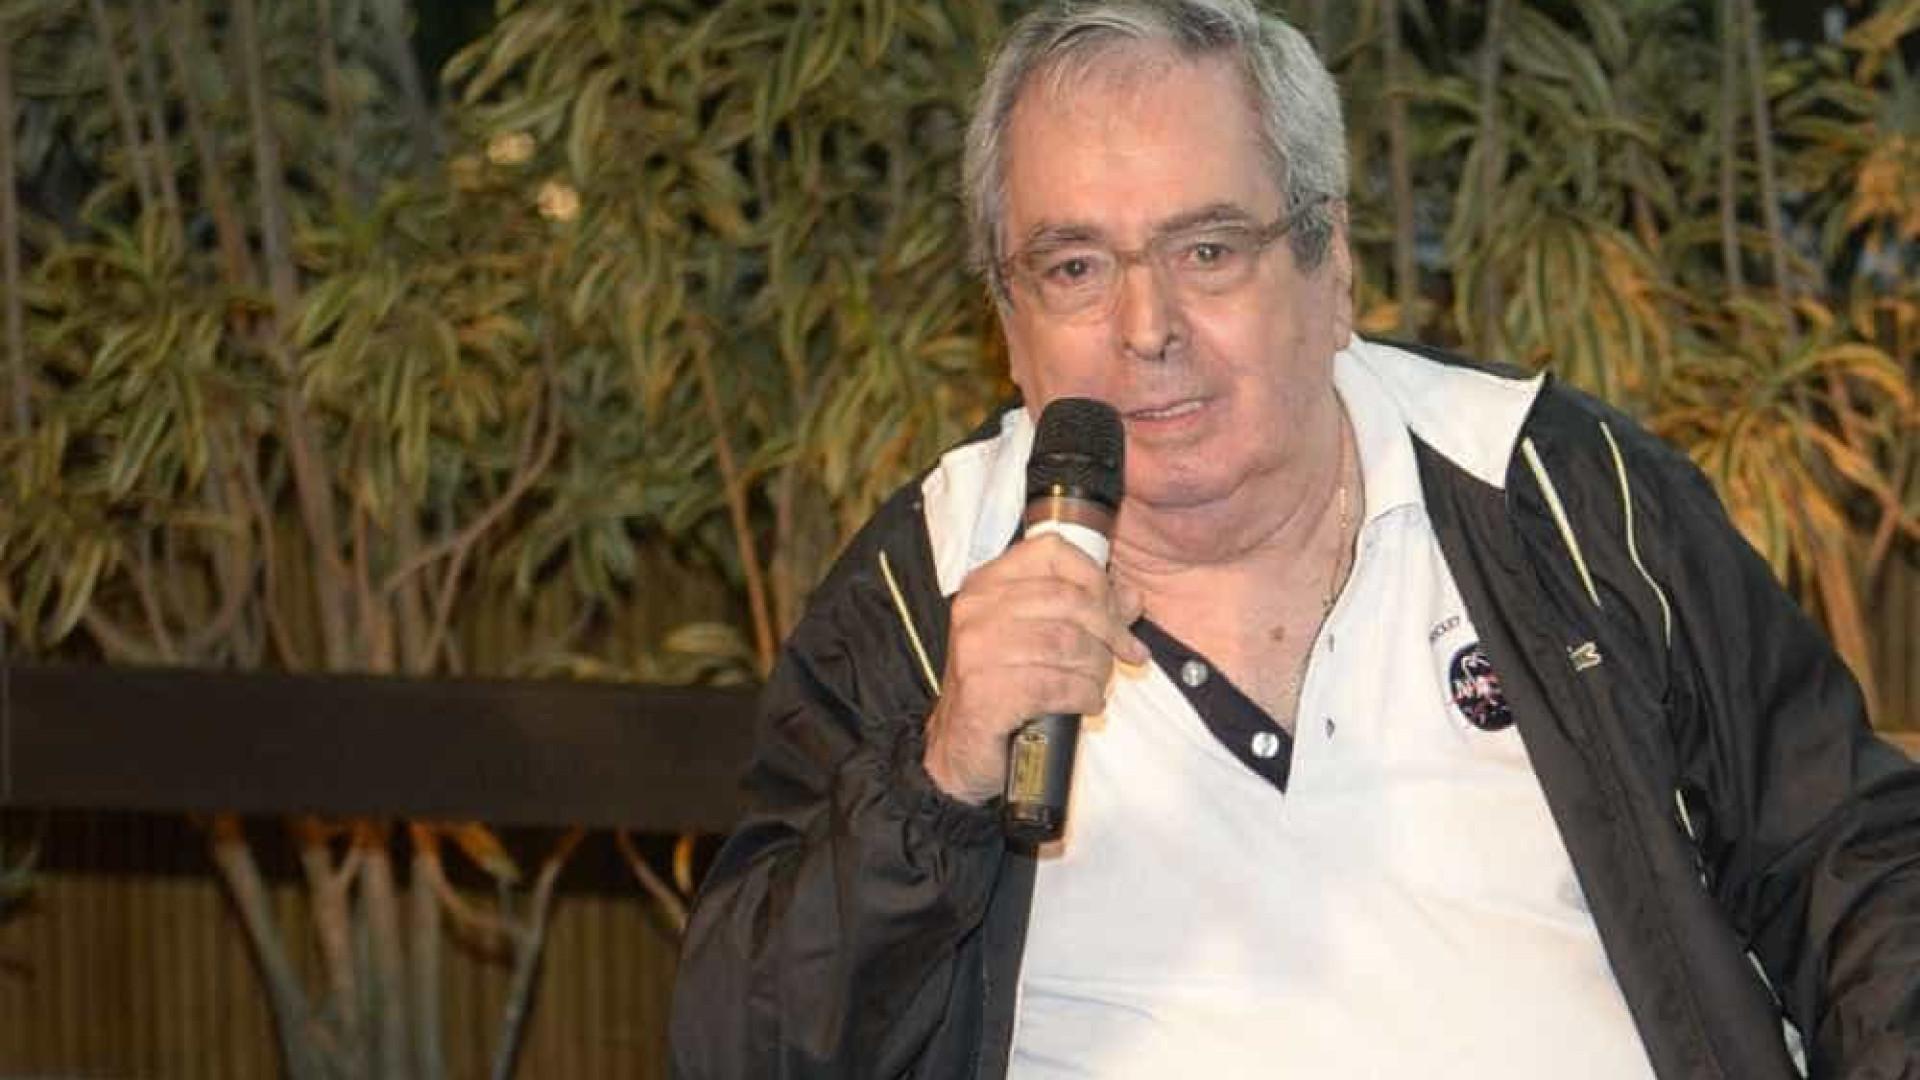 Benedito Ruy Barbosa detona Silvio Santos por dívida: 'Quero justiça'